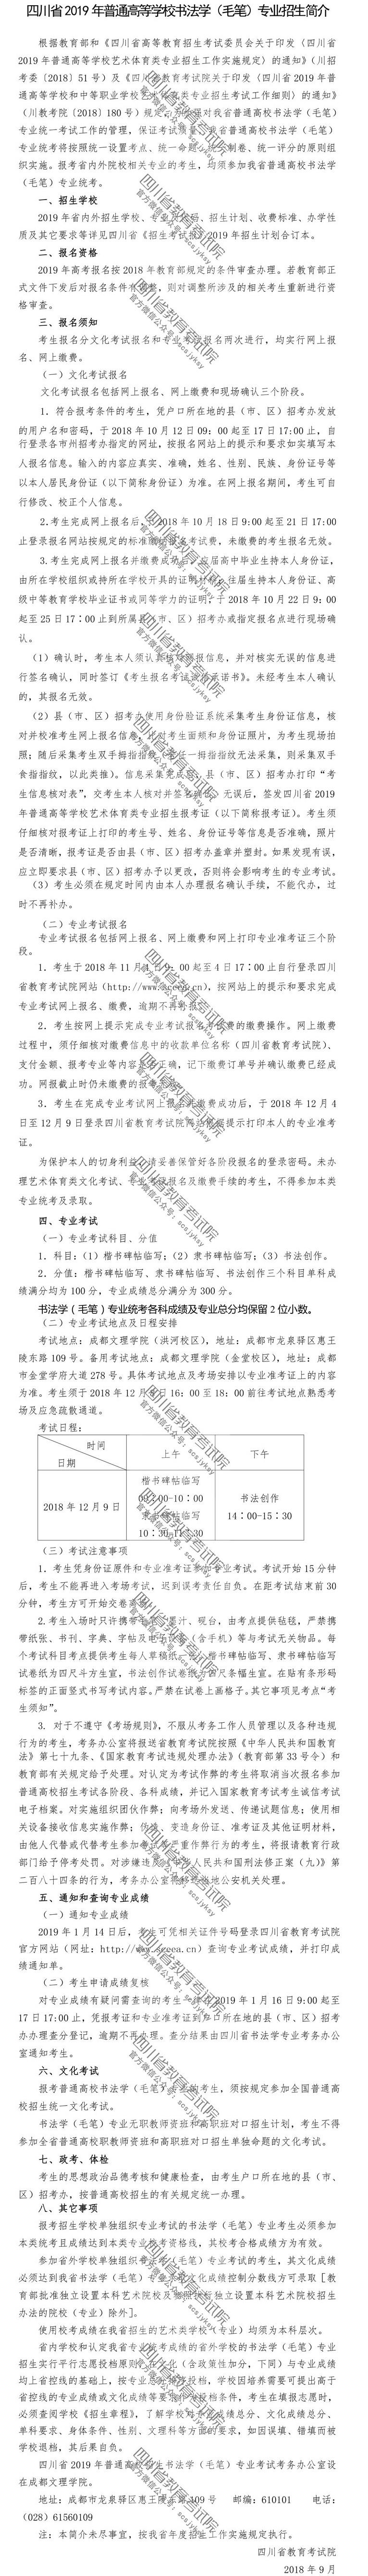 四川省2019年普通高等学校书法学(毛笔)专业招生简介